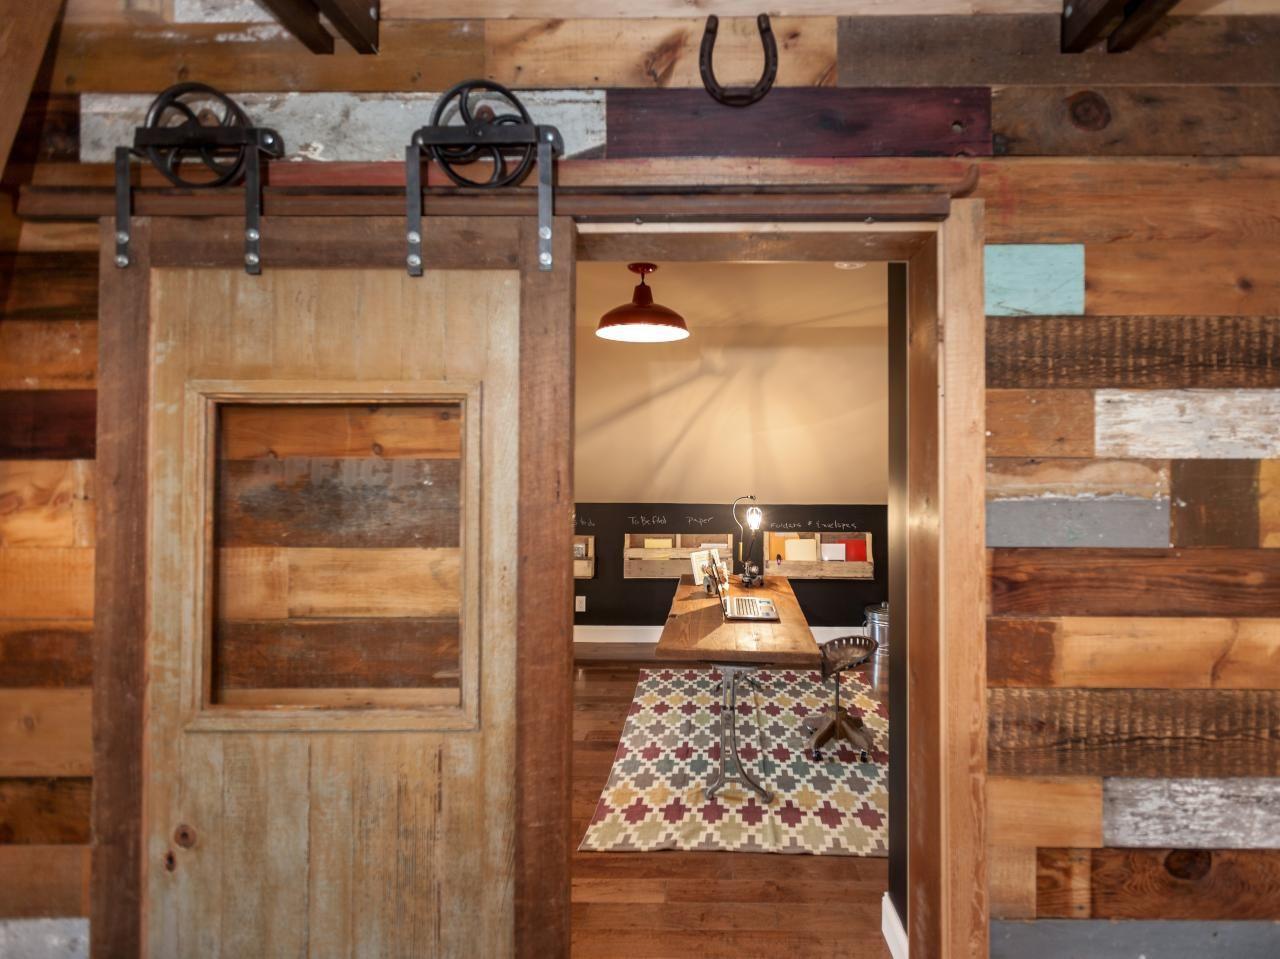 How to build a sliding barn door my new house barndominiums